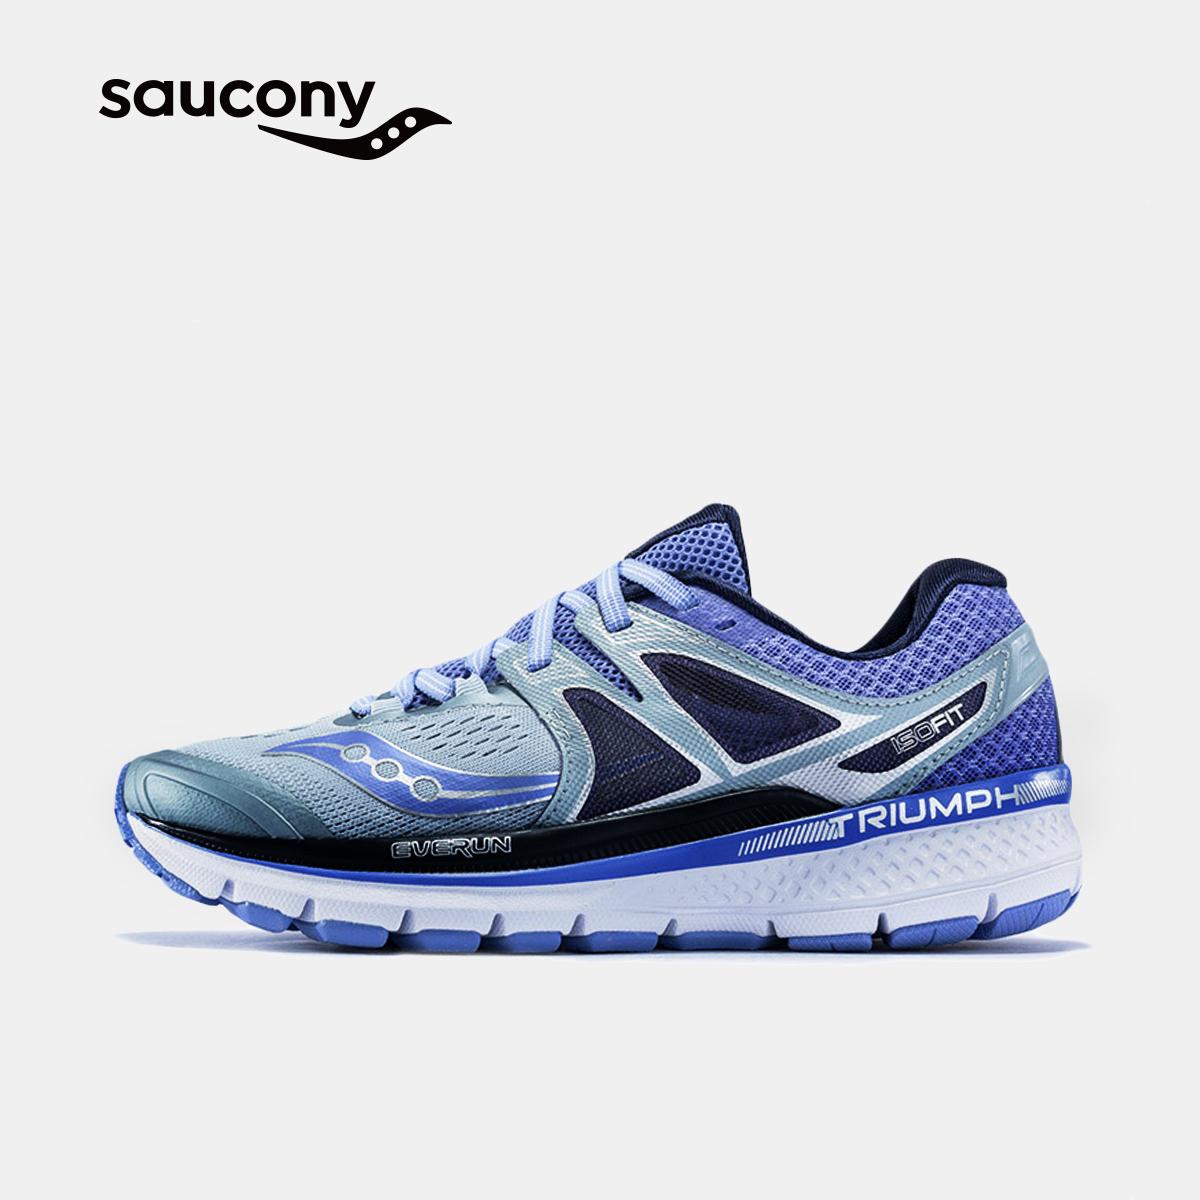 Saucony圣康尼TRIUMPH ISO 3舒适缓震跑鞋运动鞋女跑步鞋S10346-A